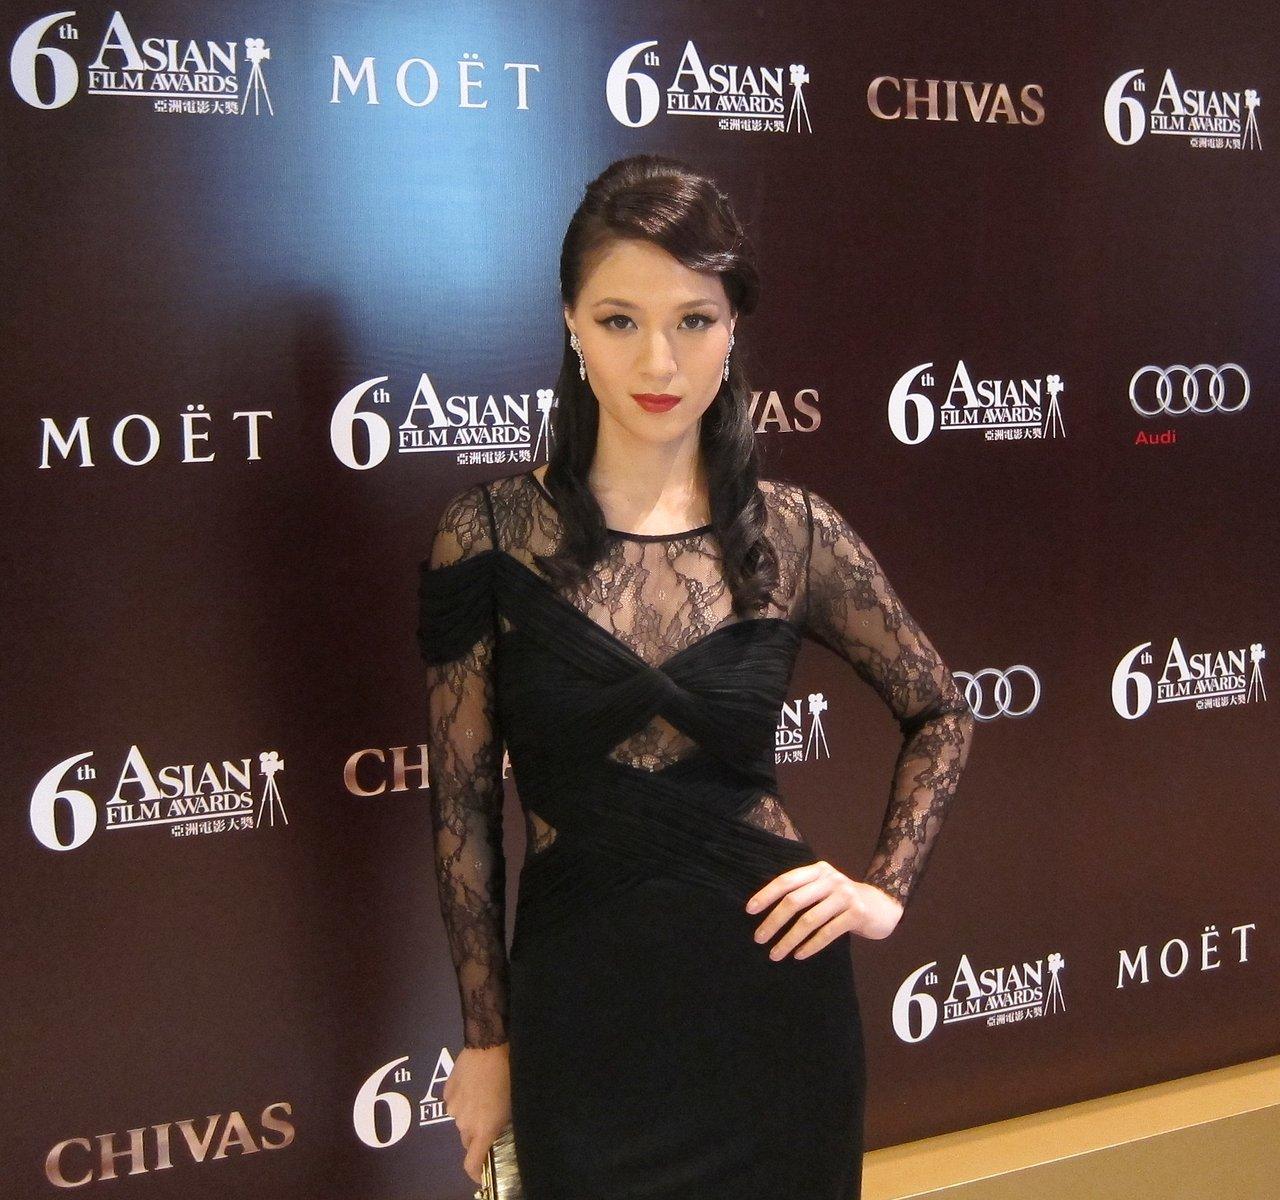 AsianFilmAwards-GraceHuang